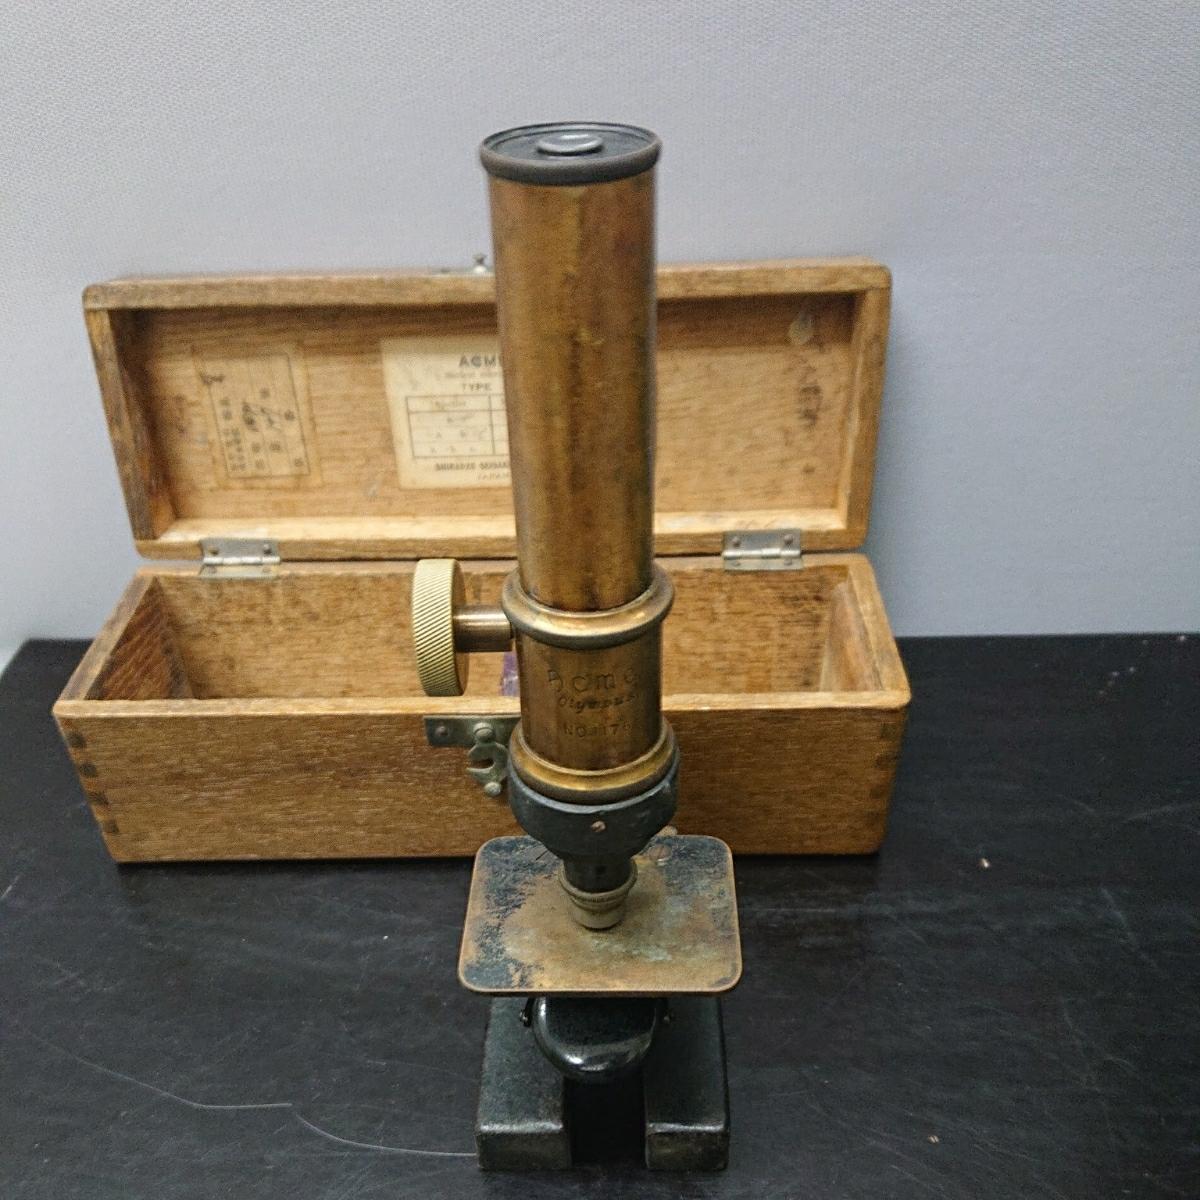 オリンパス OLYMPUS ACME TYPE A 顕微鏡 第147號 No.1176 加_画像5